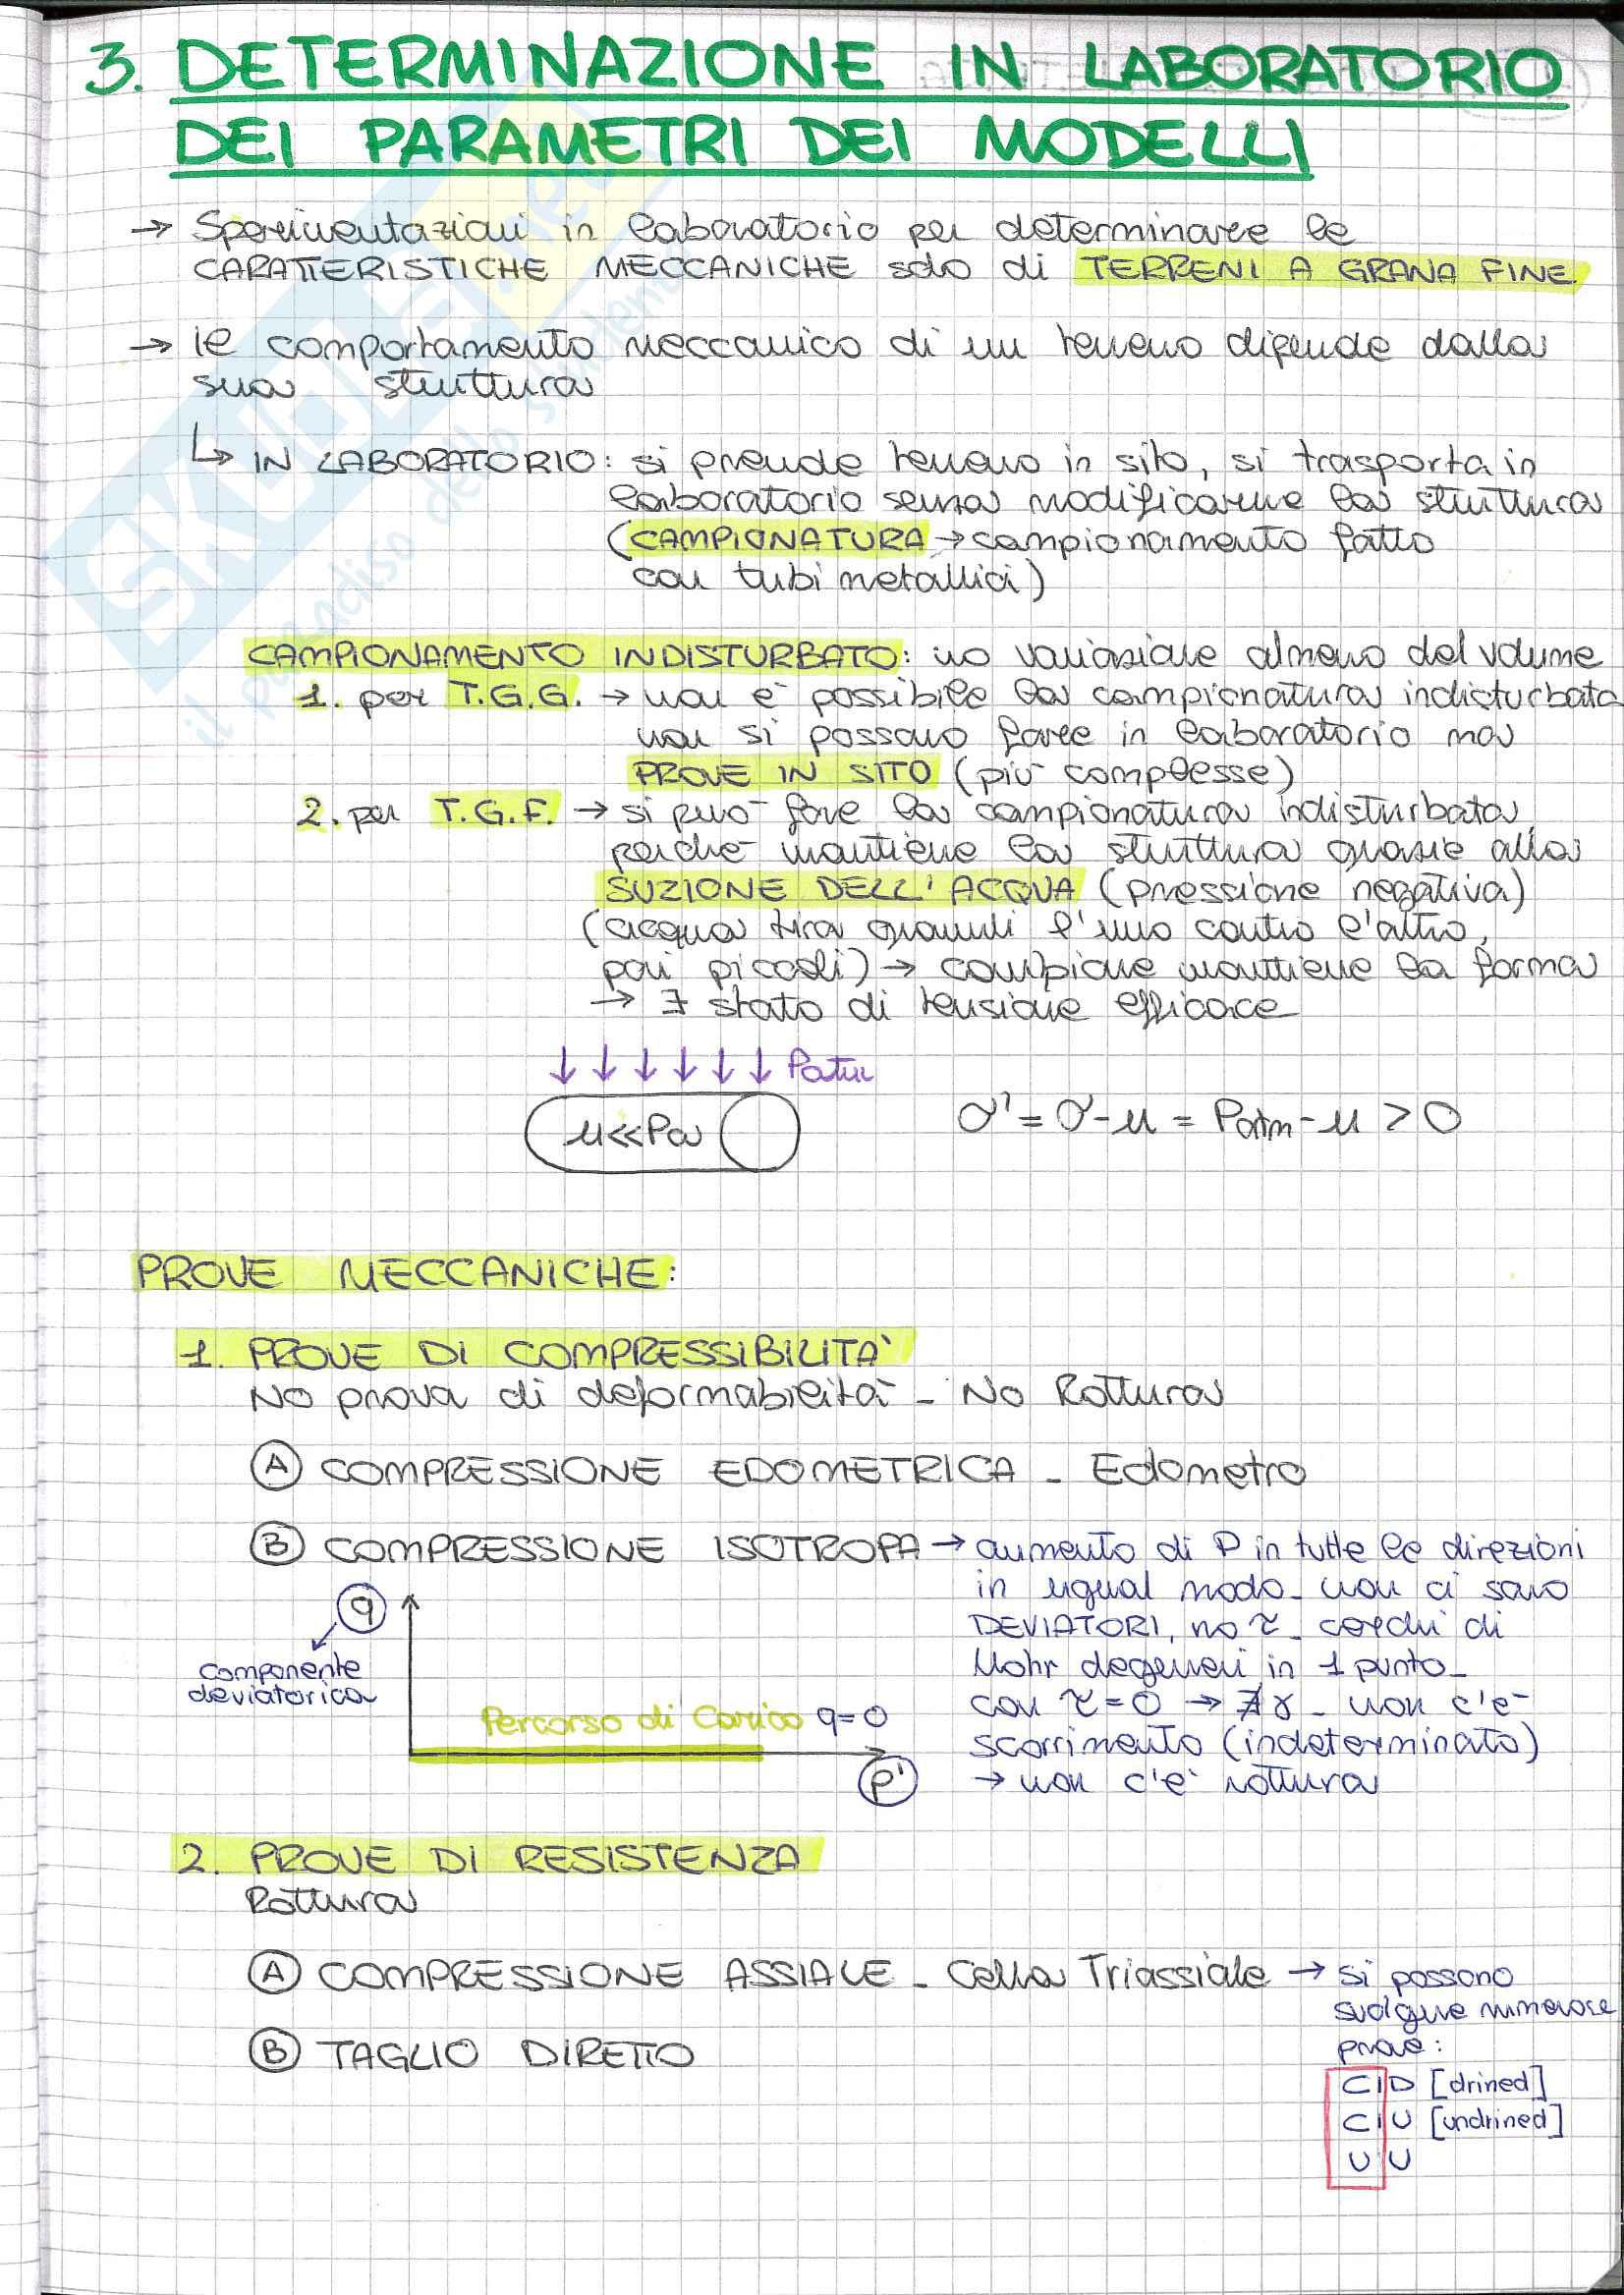 Riassunto esame Fondamenti di geotecnica, prof. Desideri, libro consigliato Lezioni di meccanica delle terre, Burghignoli: determinazione in laboratorio dei parametri dei modelli